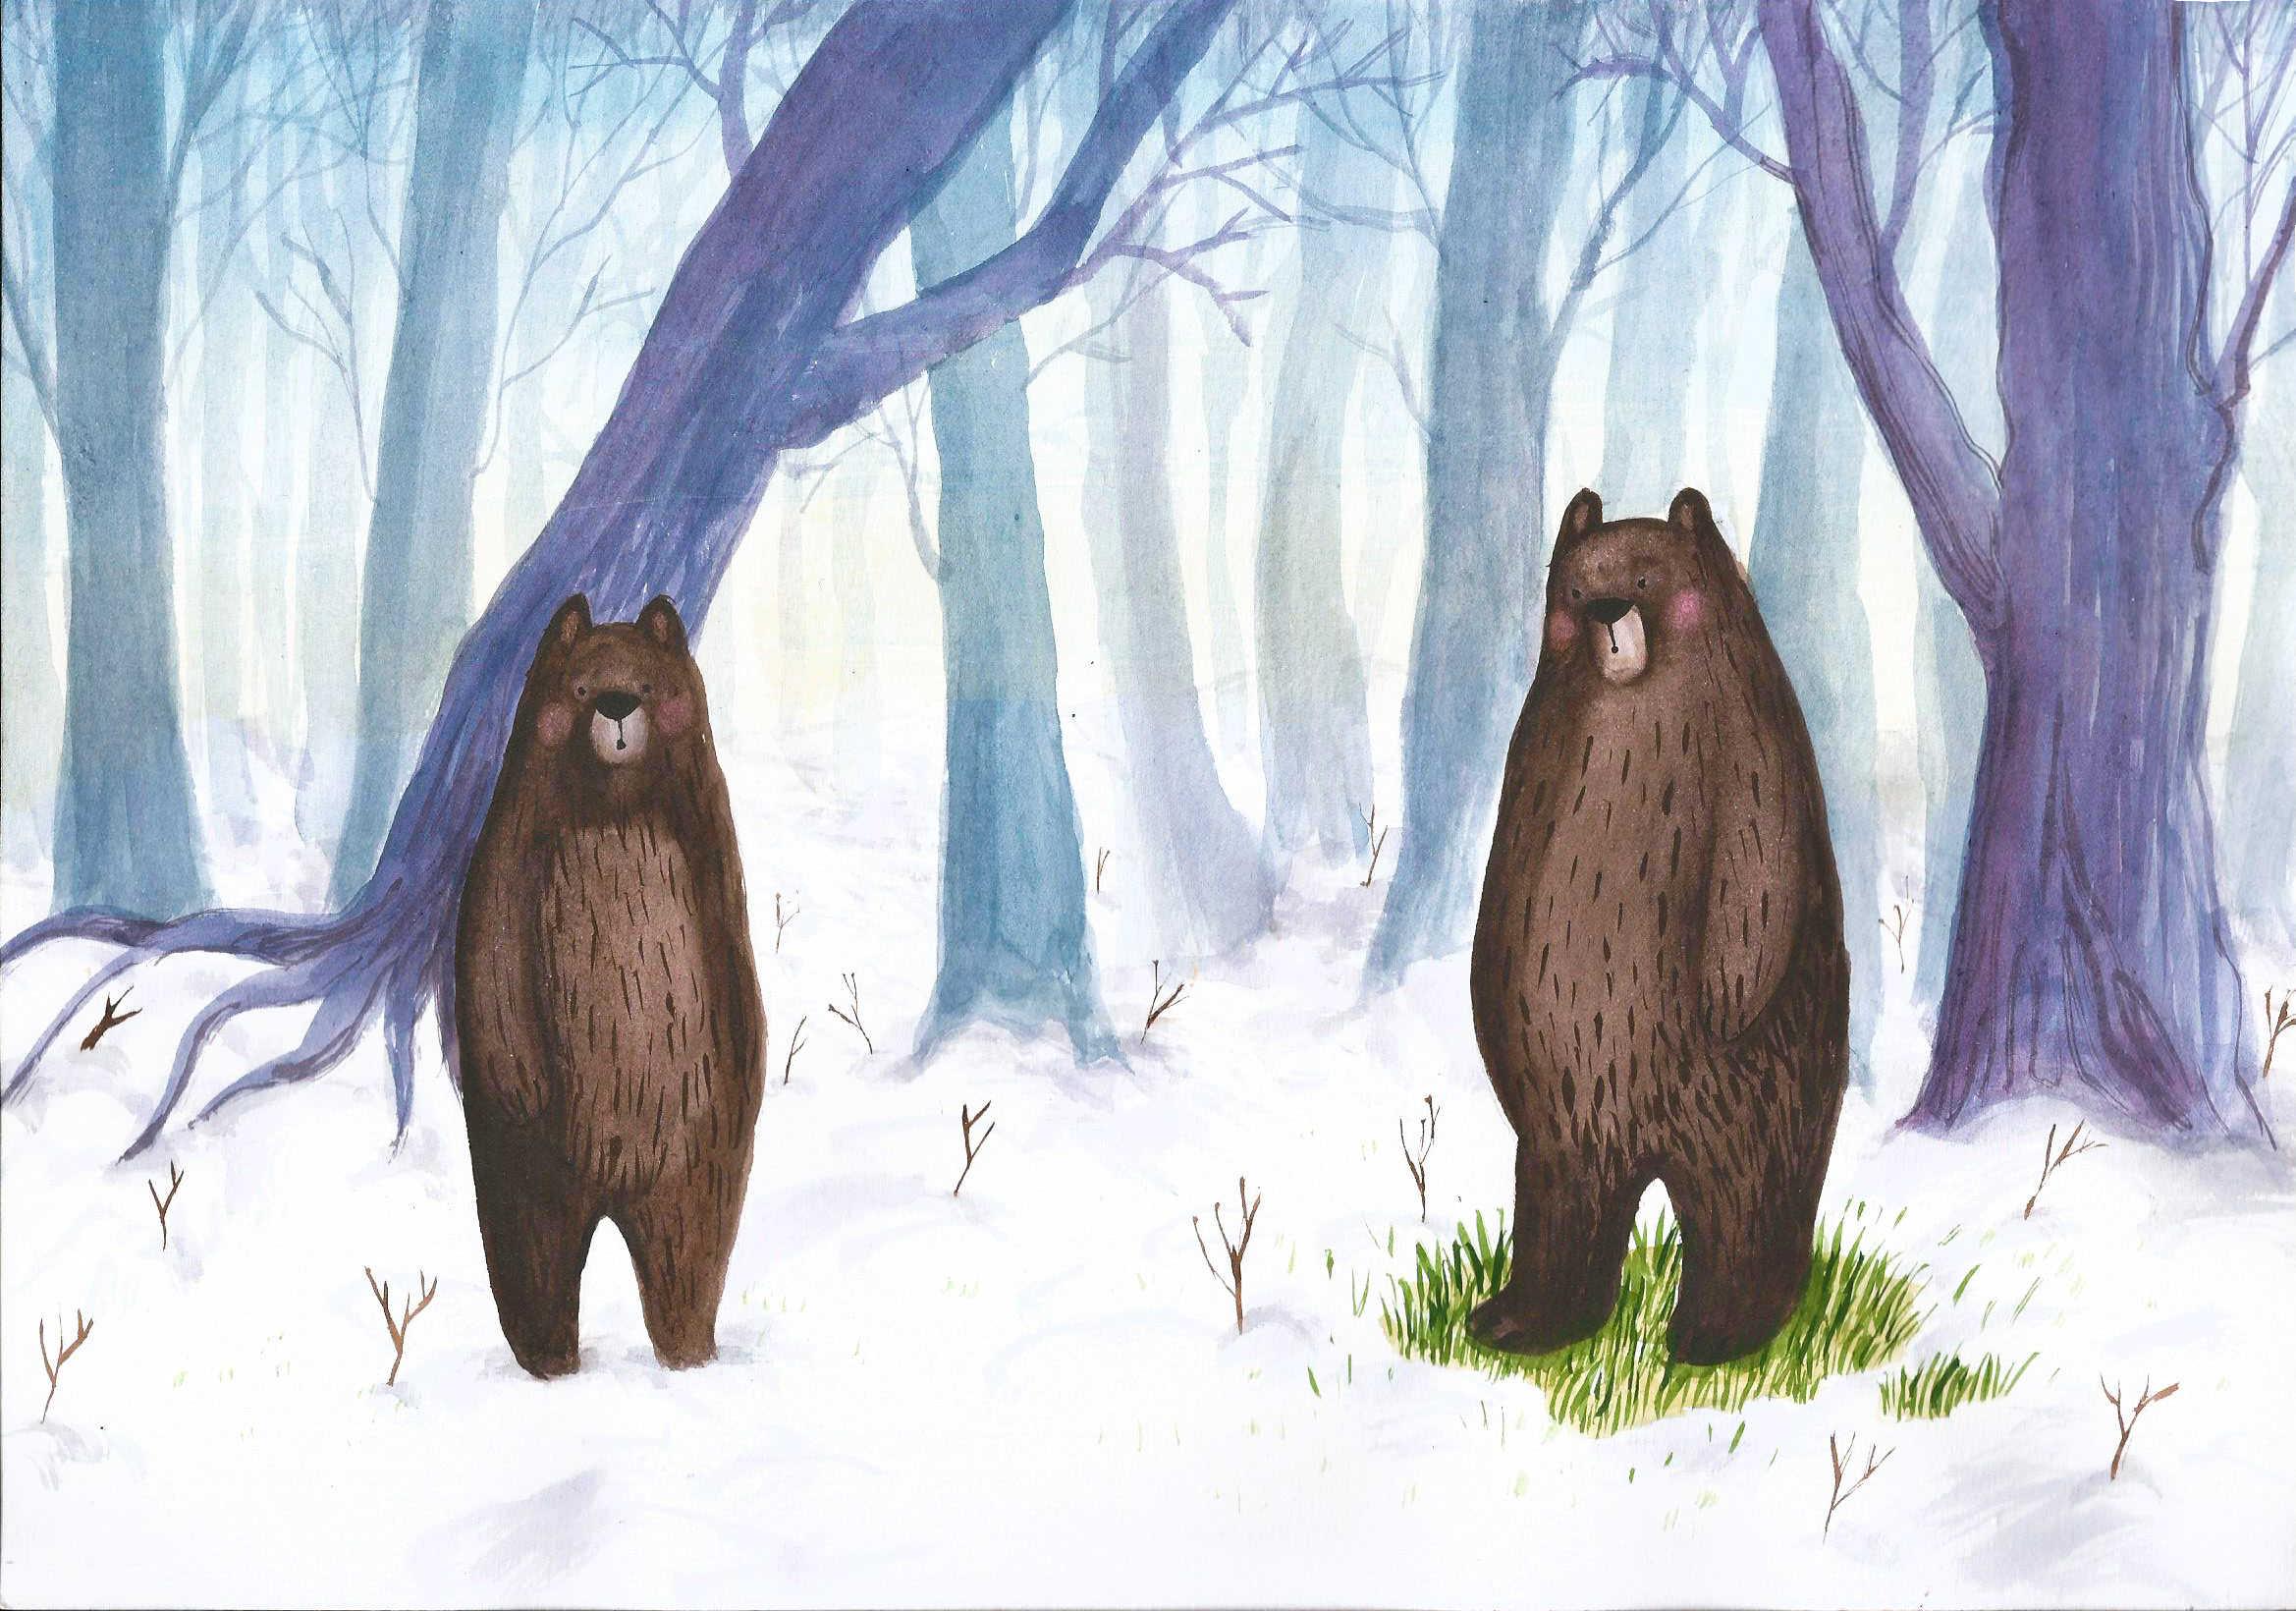 Ilustracja dla pary zimowa misie